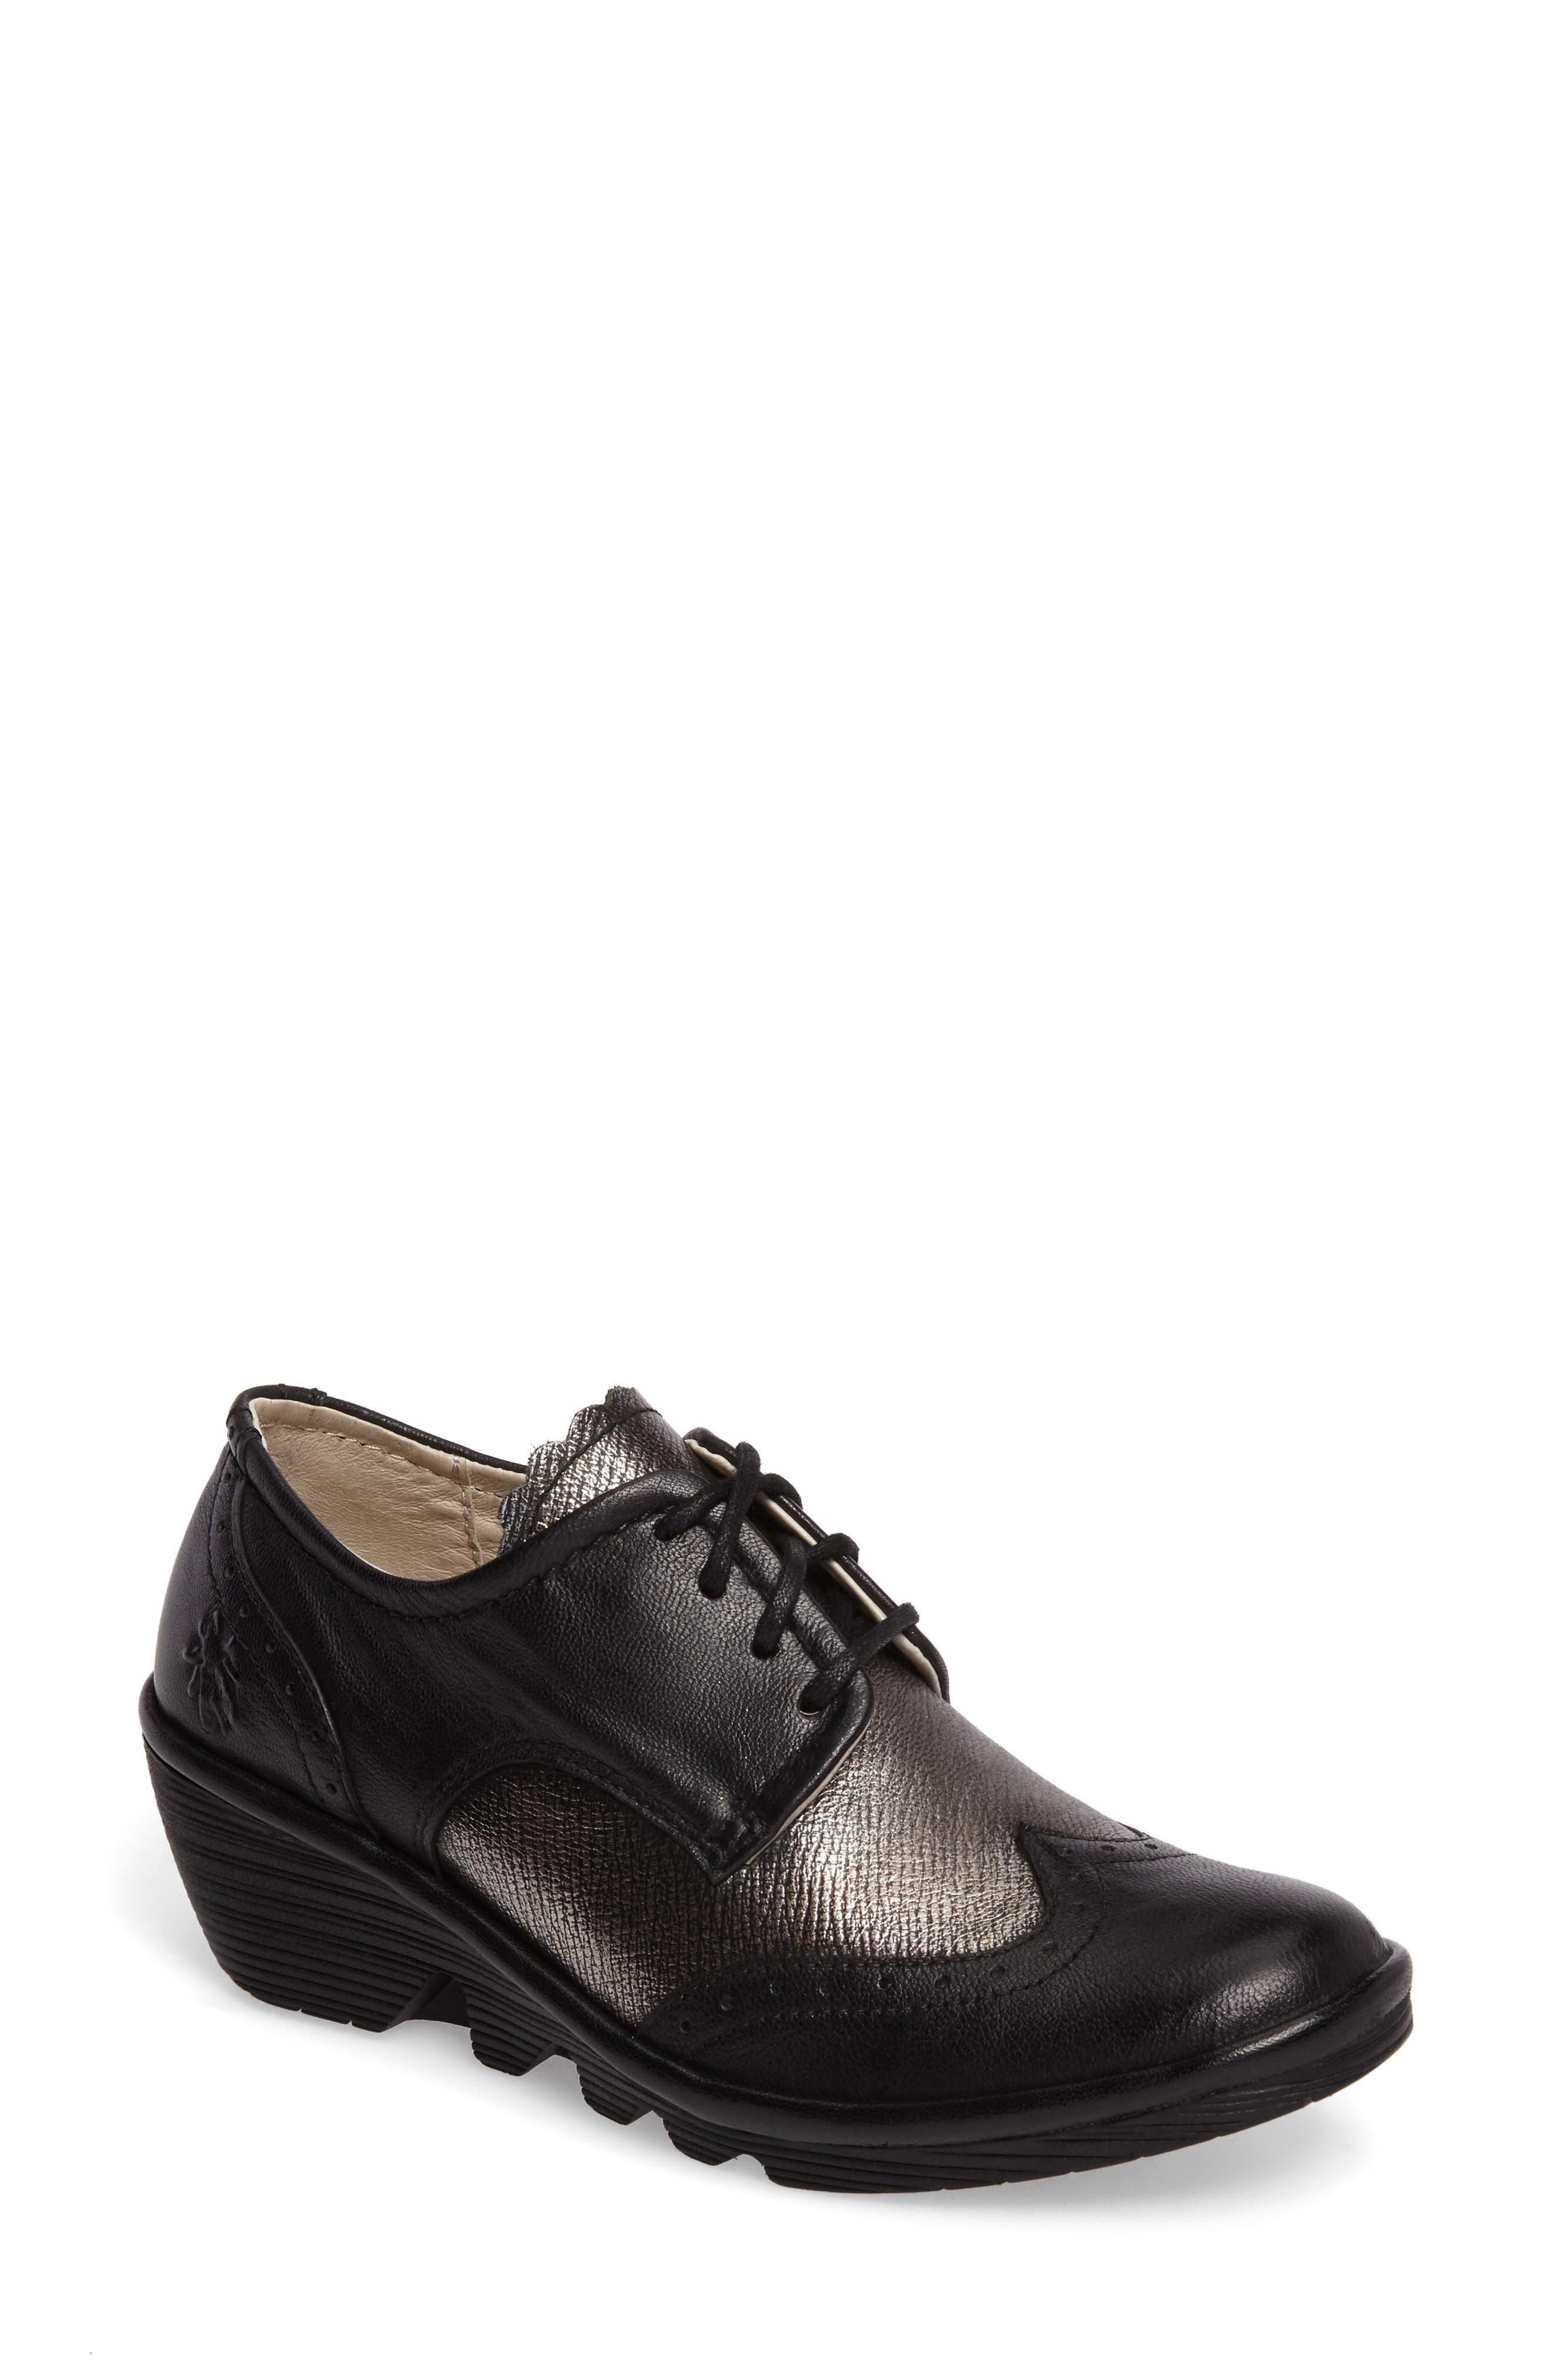 'Palt' WedgePump,                             Main thumbnail 1, color,                             Black/ Antique Silver Leather